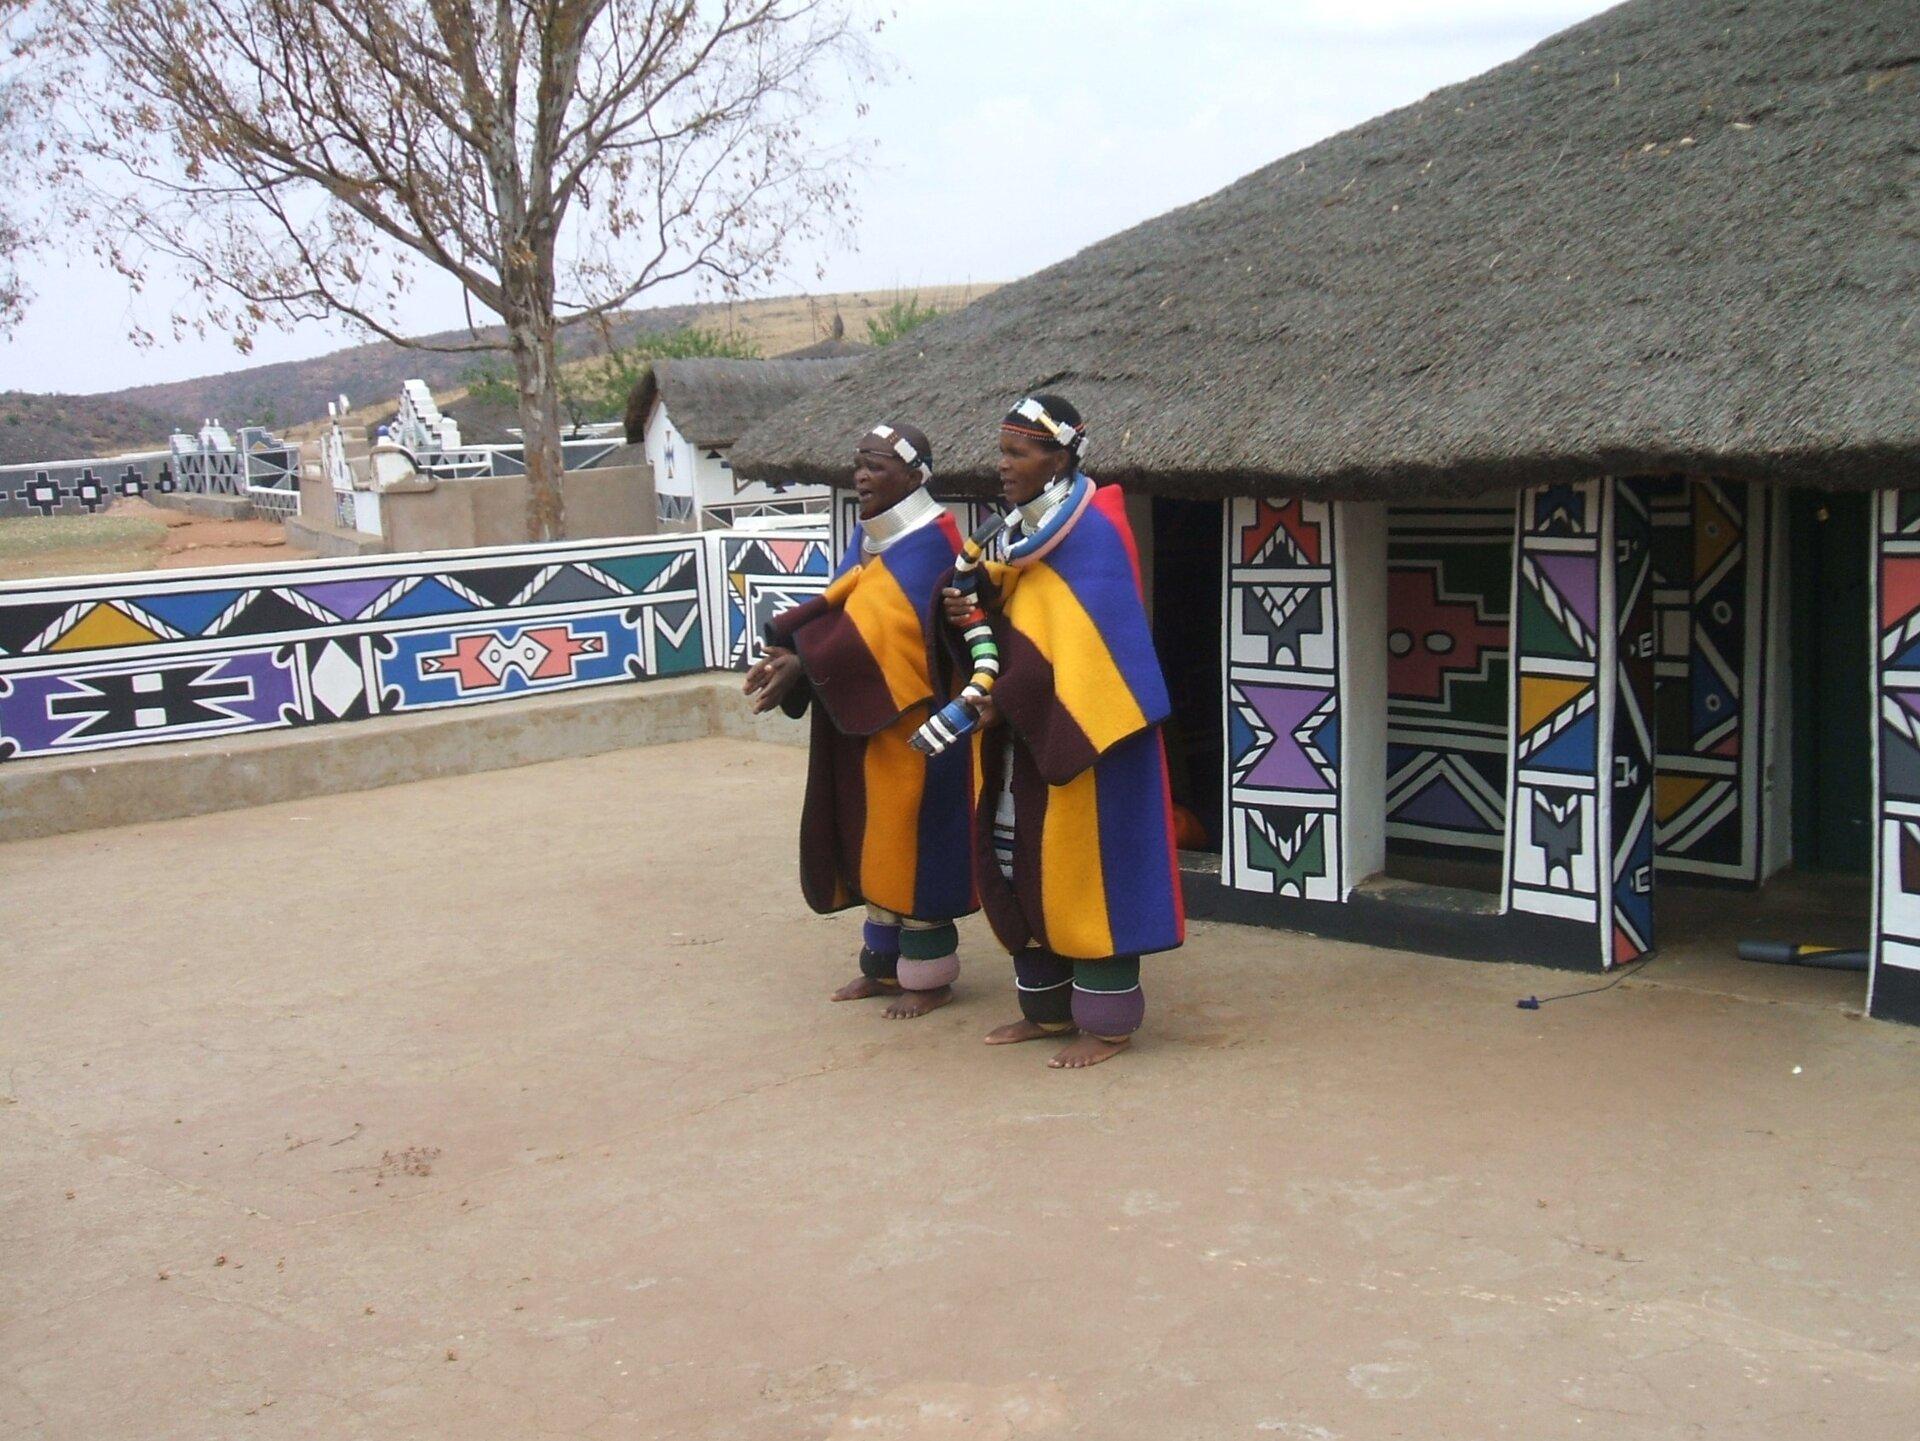 Na zdjęciu ciemnoskórzy mieszkańcy Republiki Południowej Afryki wludowych strojach. Wtle chata kryta strzechą, ściany pomalowane wjaskrawe, kolorowe, geometryczne wzory. Dalej teren górzysty.